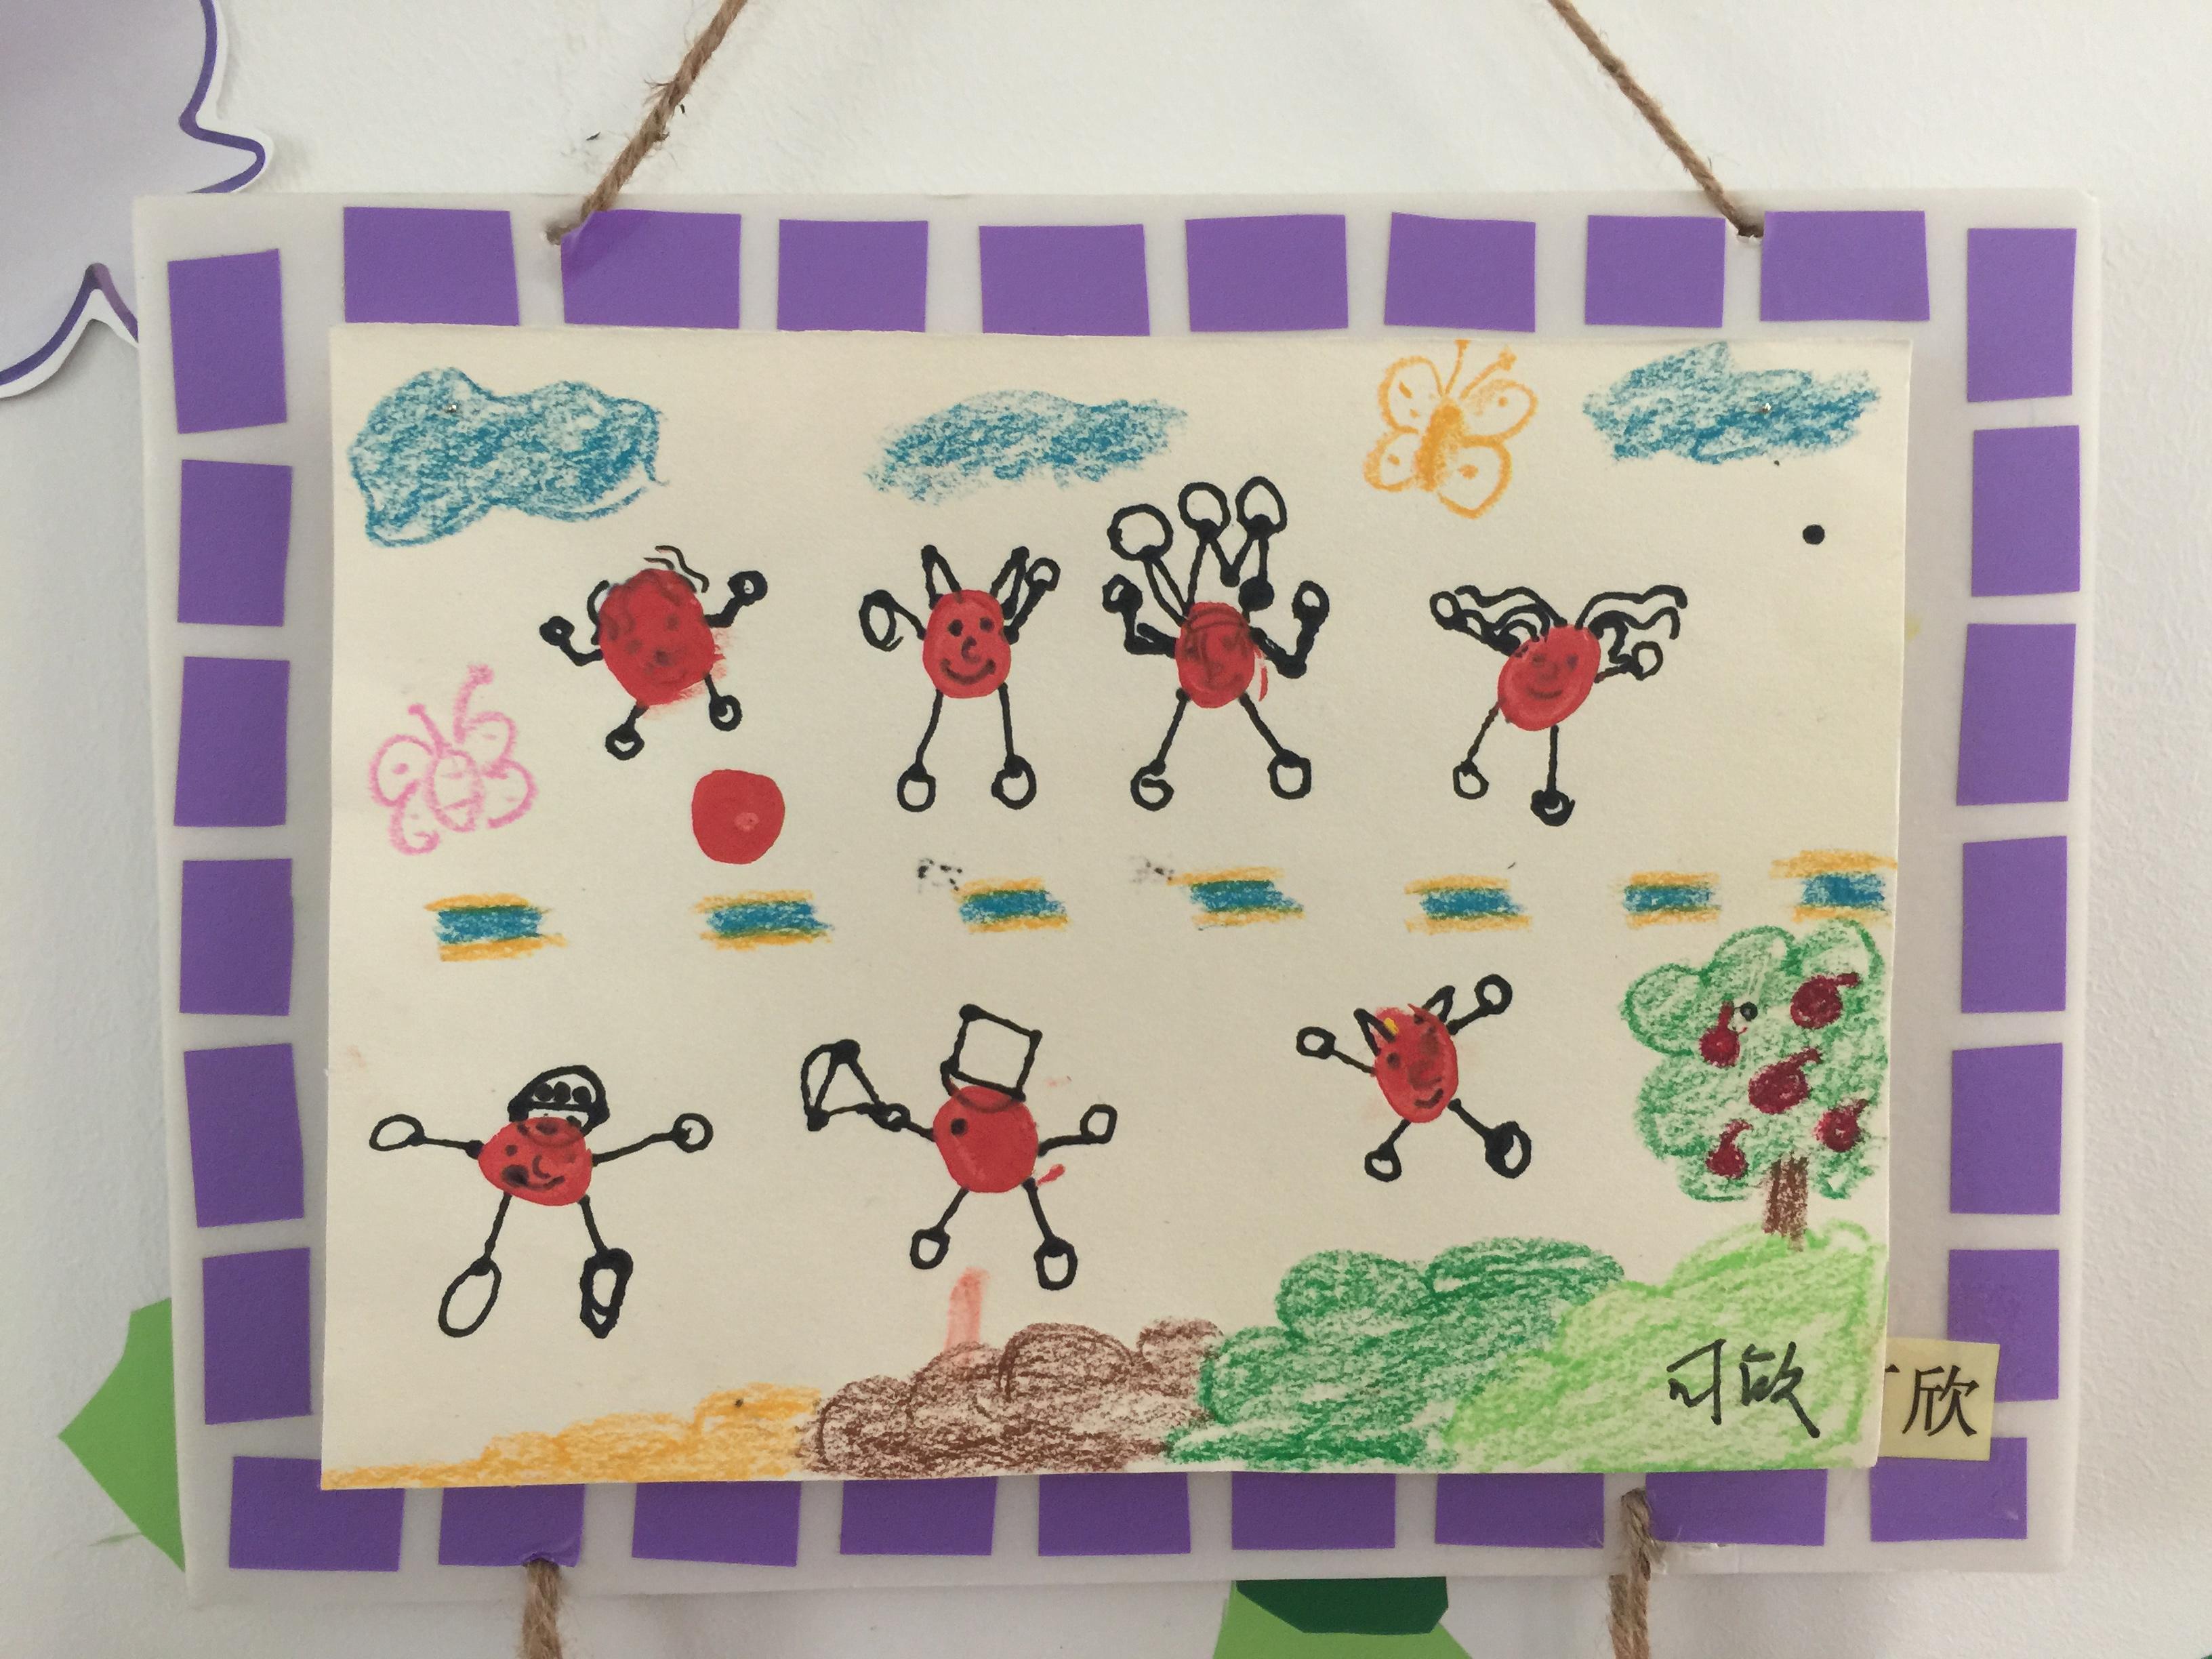 《小人国》后,我们开展了相应的美术活动,做了一幅幅富有童趣的手指画图片